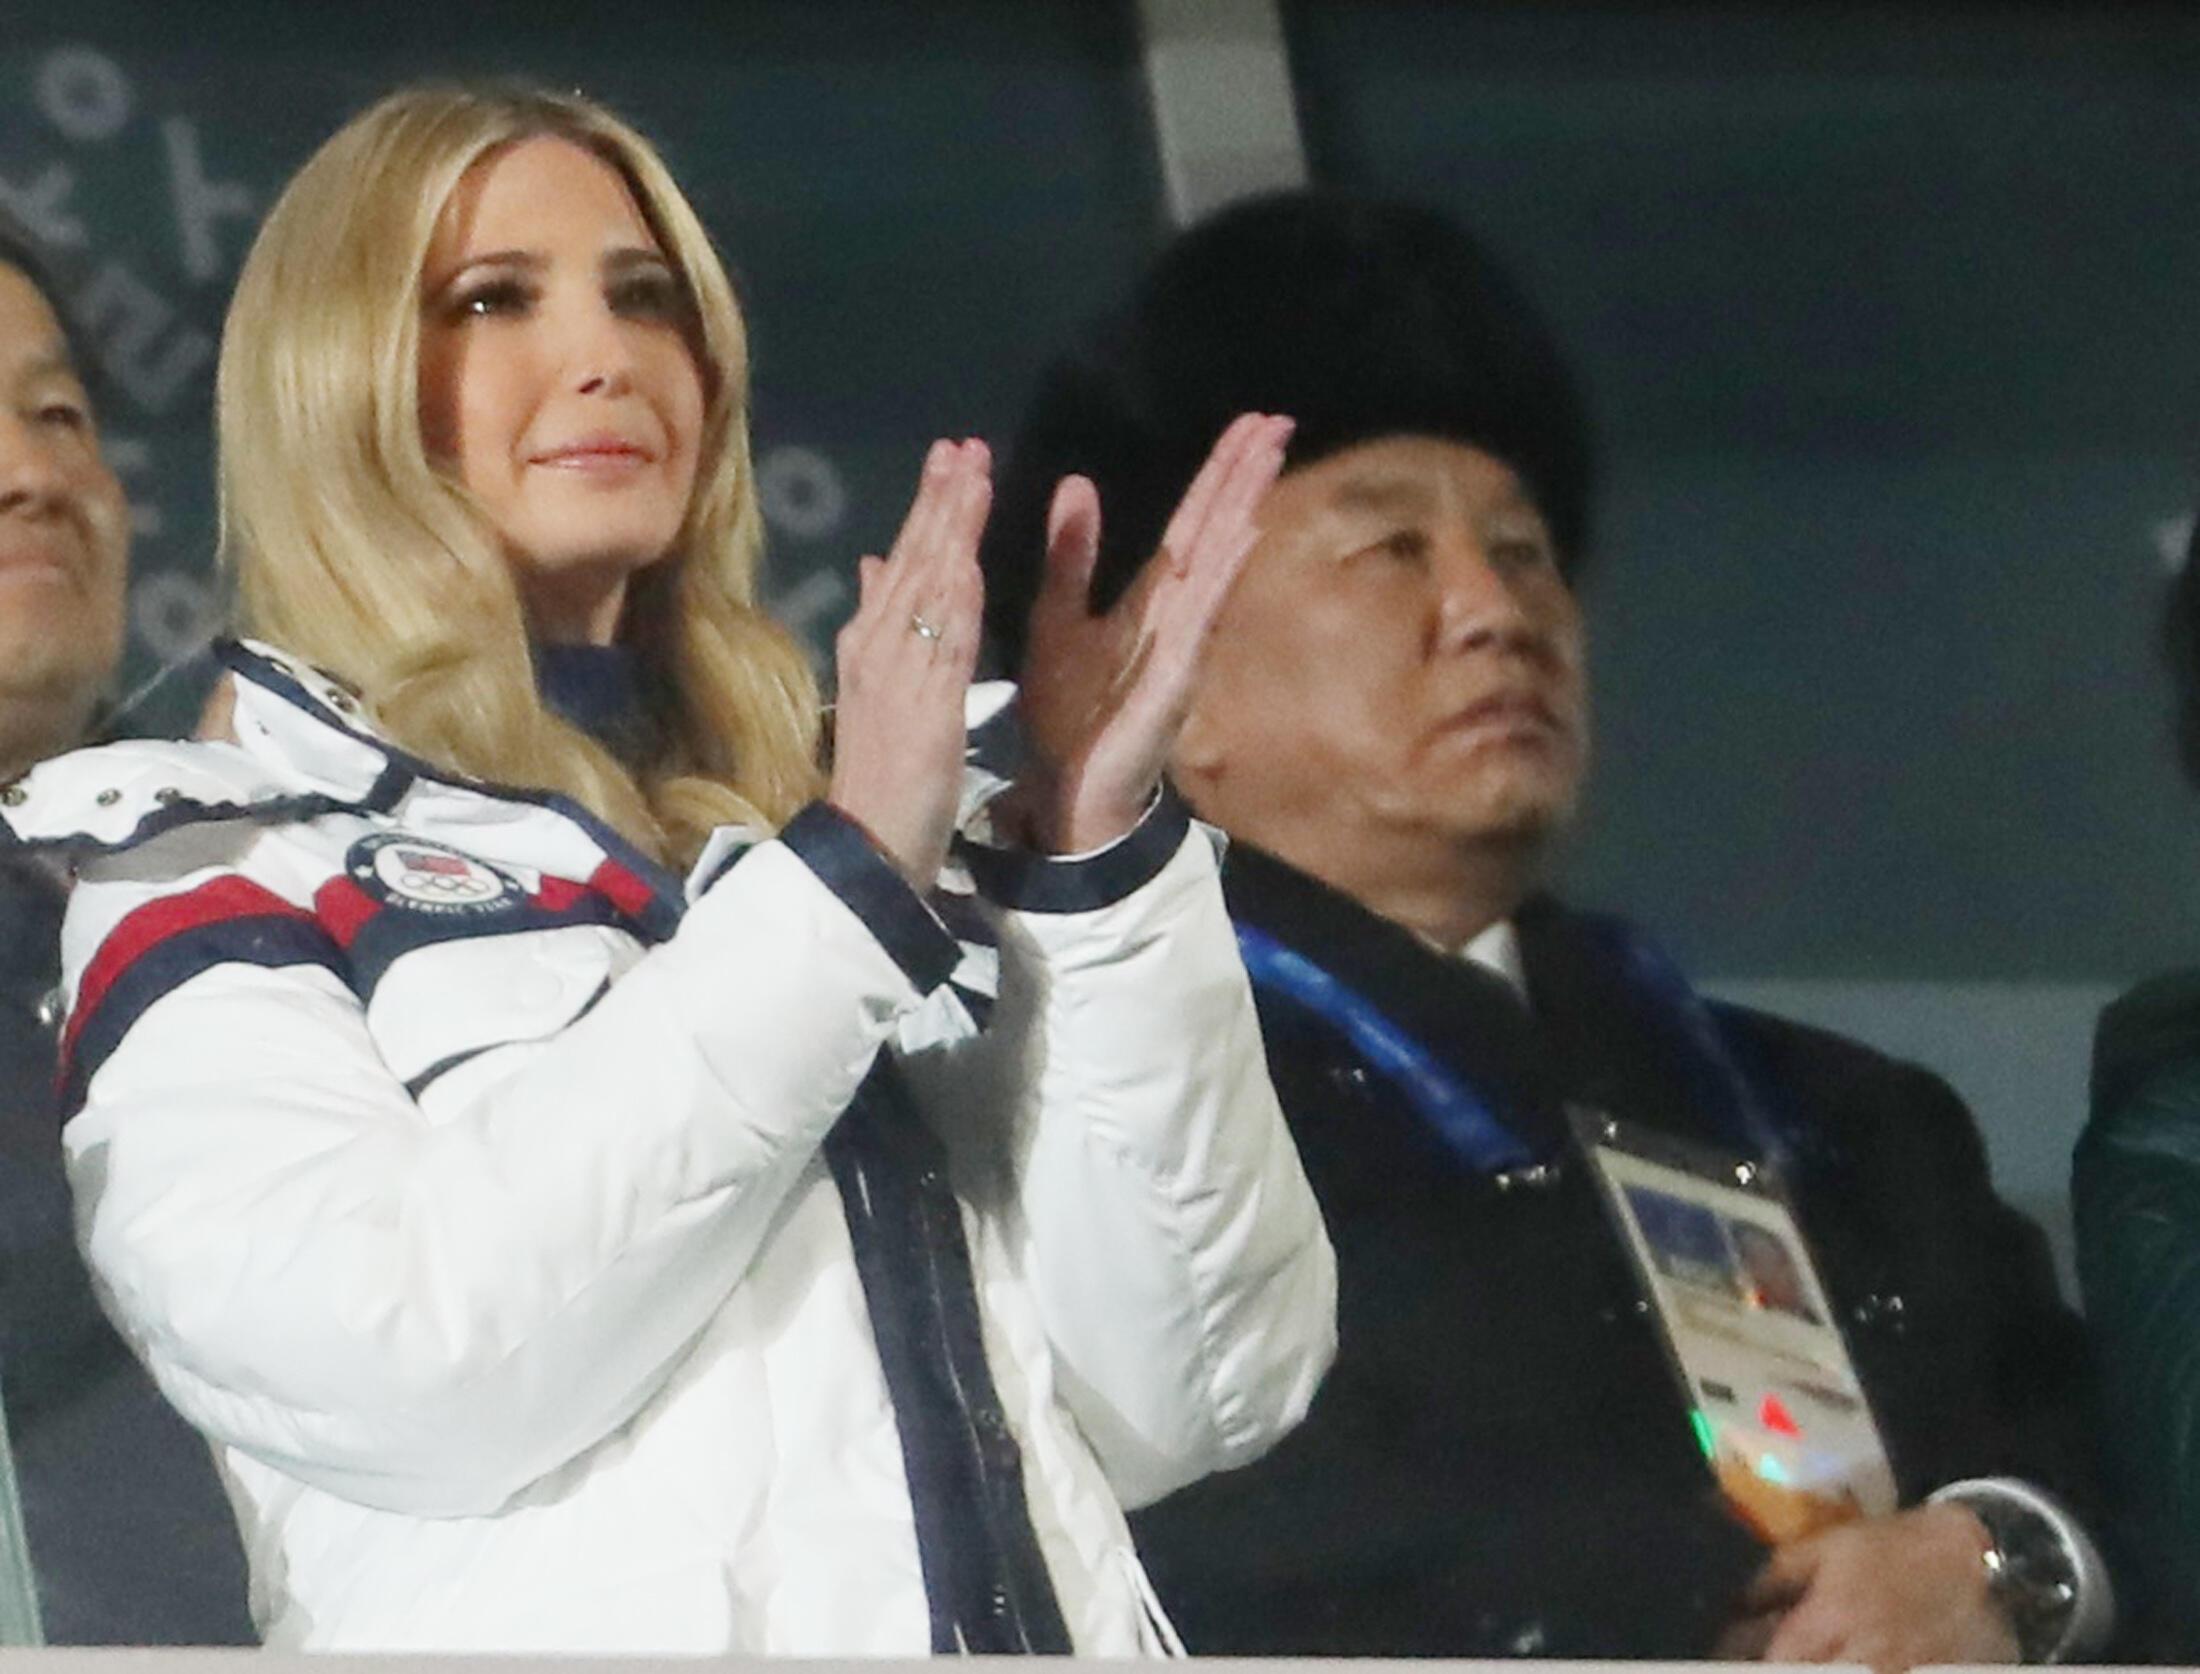 Иванка Трамп и северокорейский генерал Ким Йонг Чол на церемонии закрытия Олимпиады, 25 февраля 2018 года, Пхёнчхан.